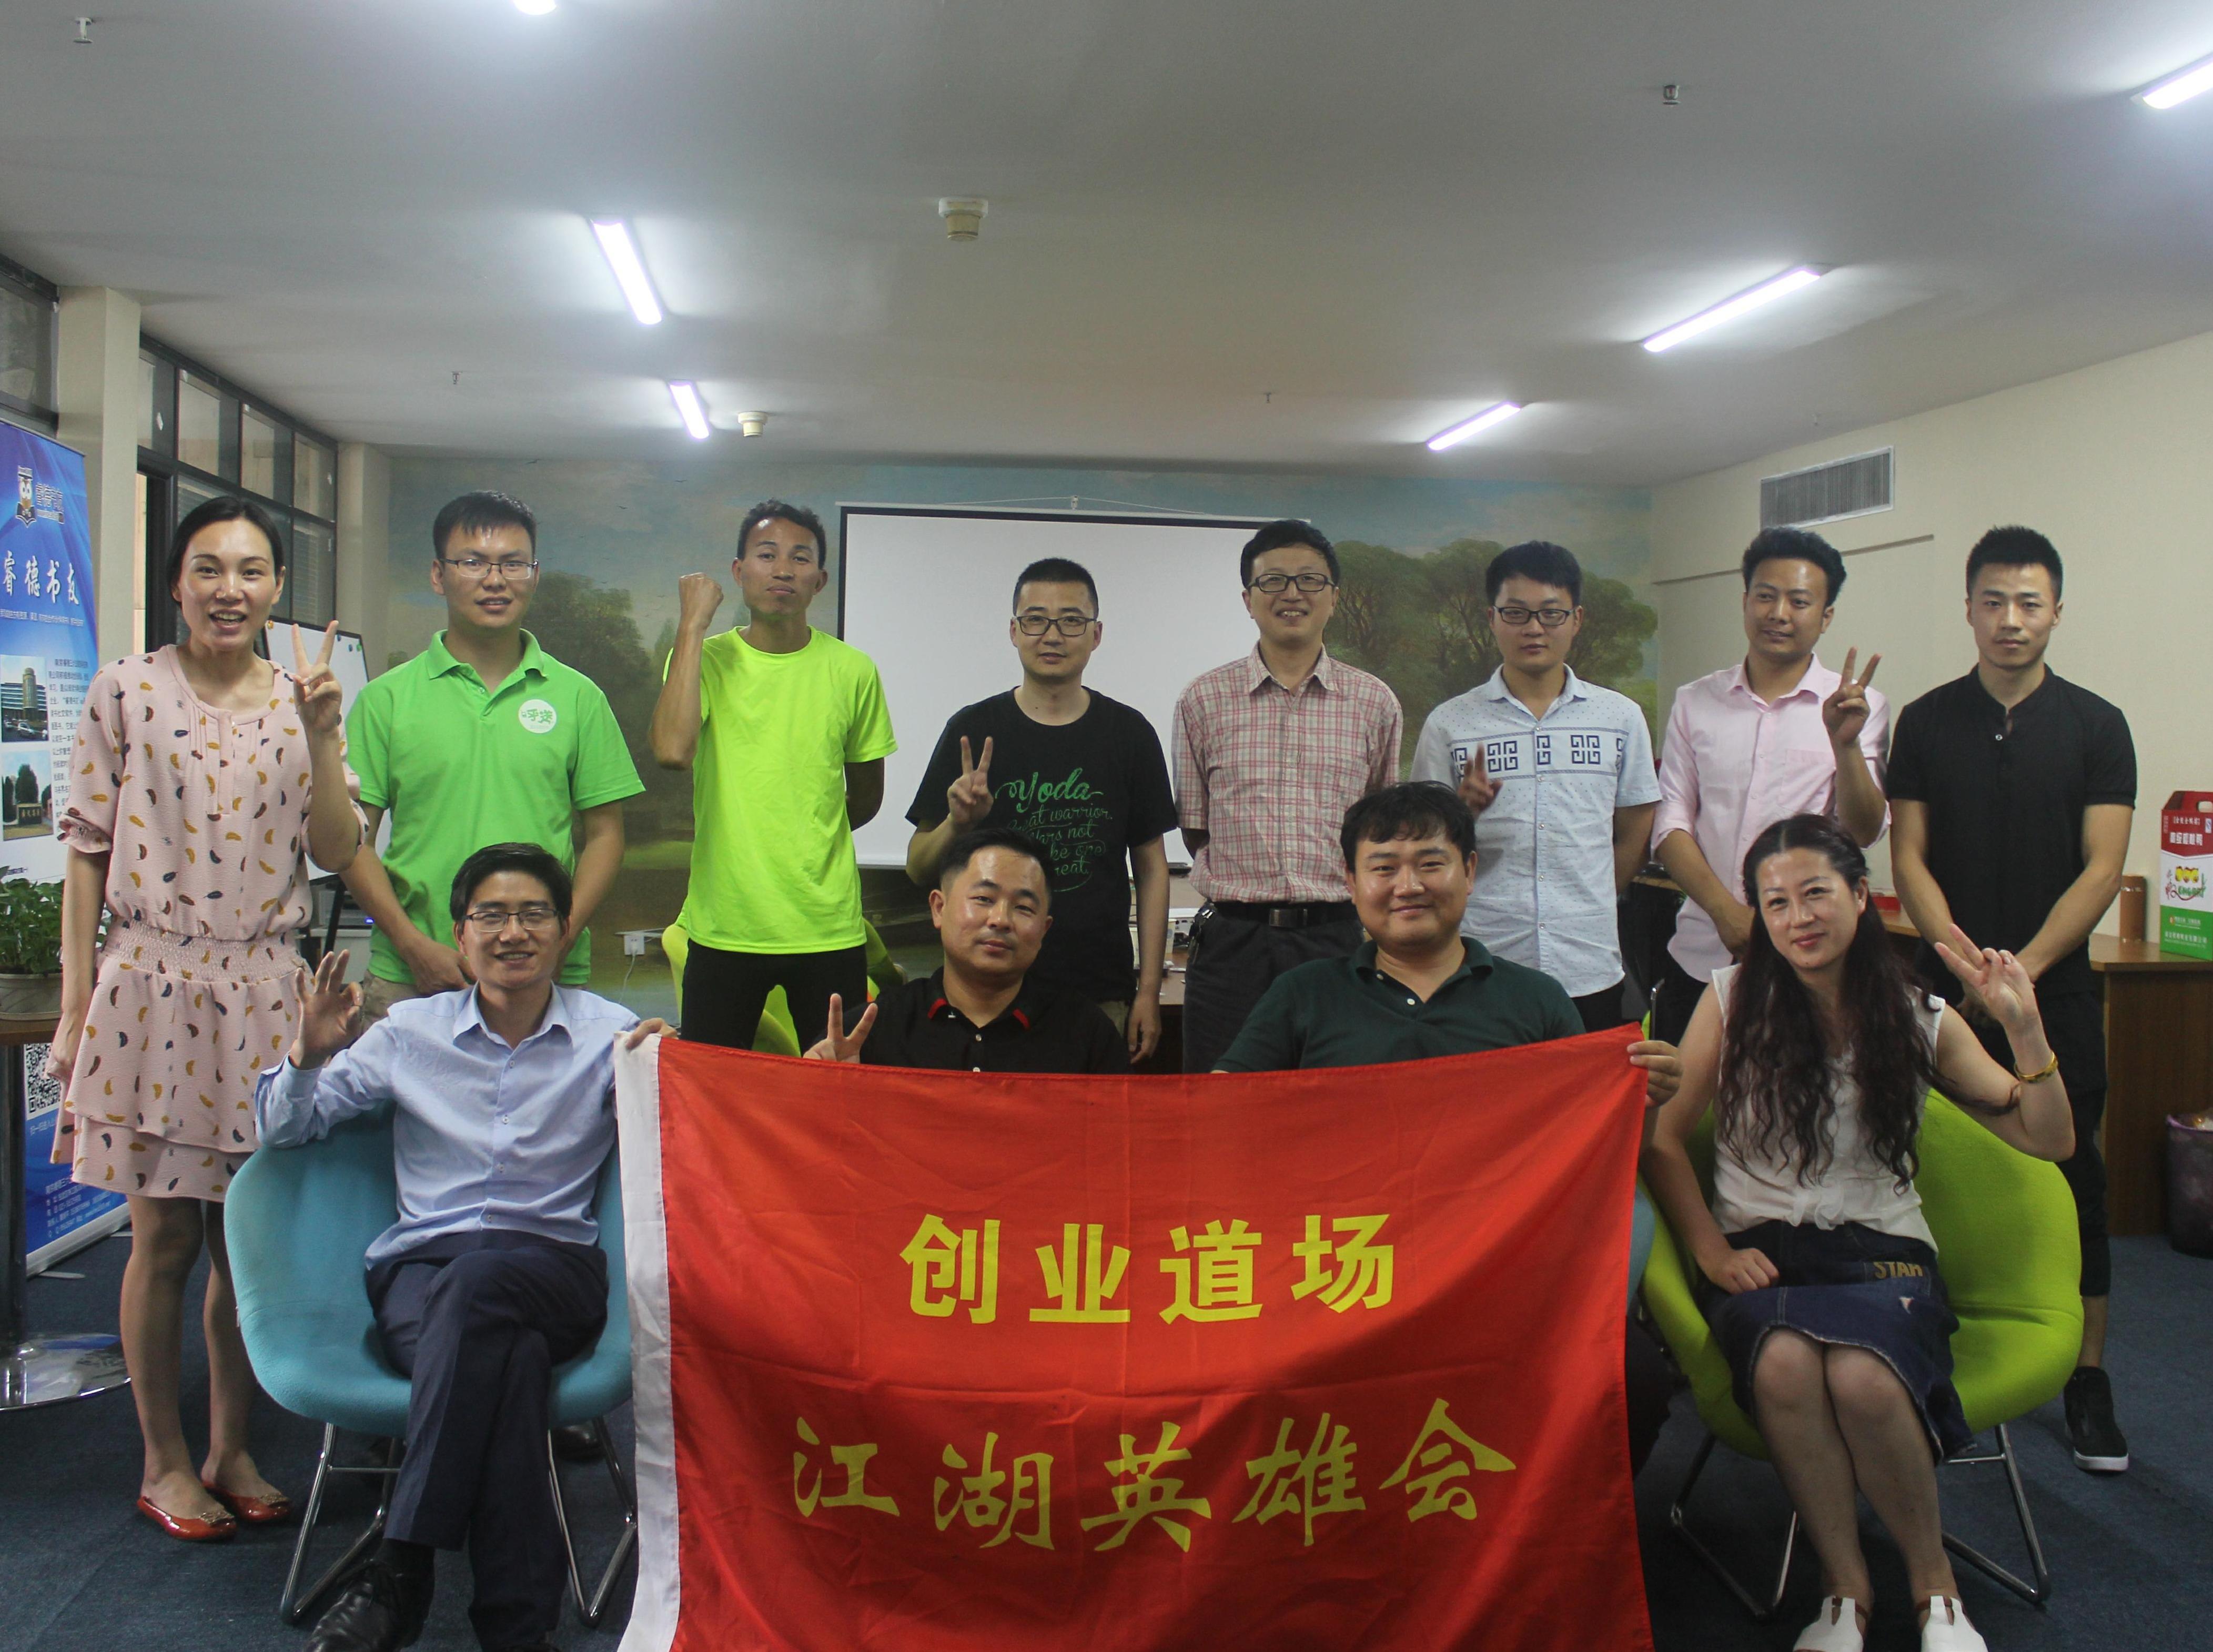 7月09日 南京创业交流聚会暨创业读书会